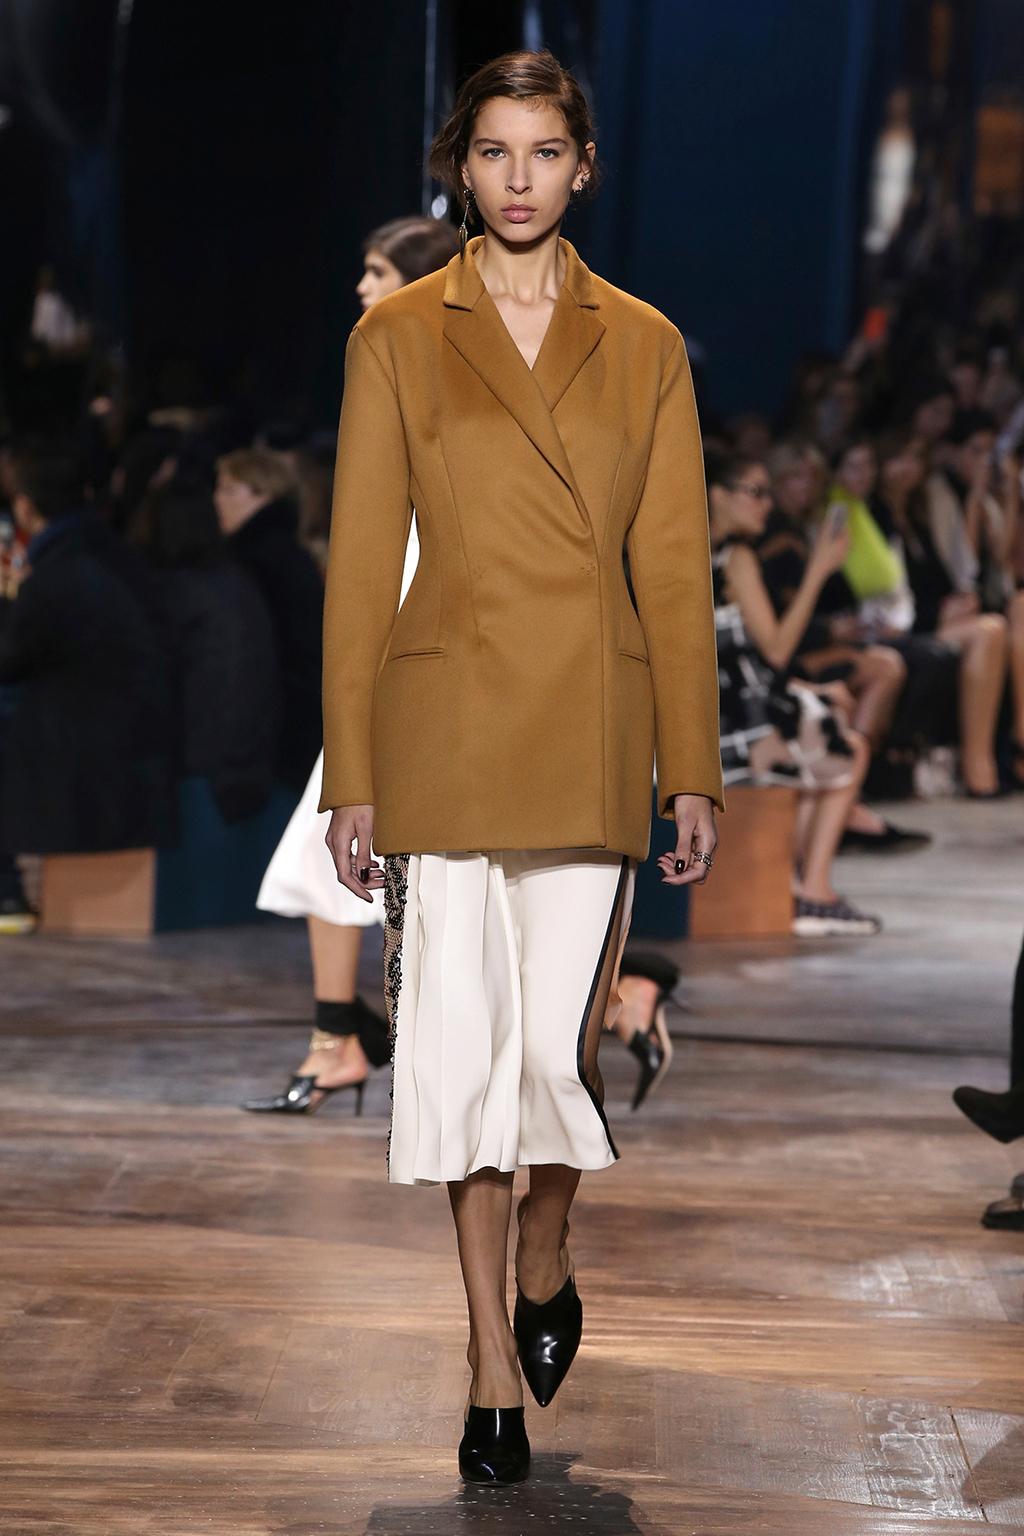 Dior-Couture-Silhouette-09